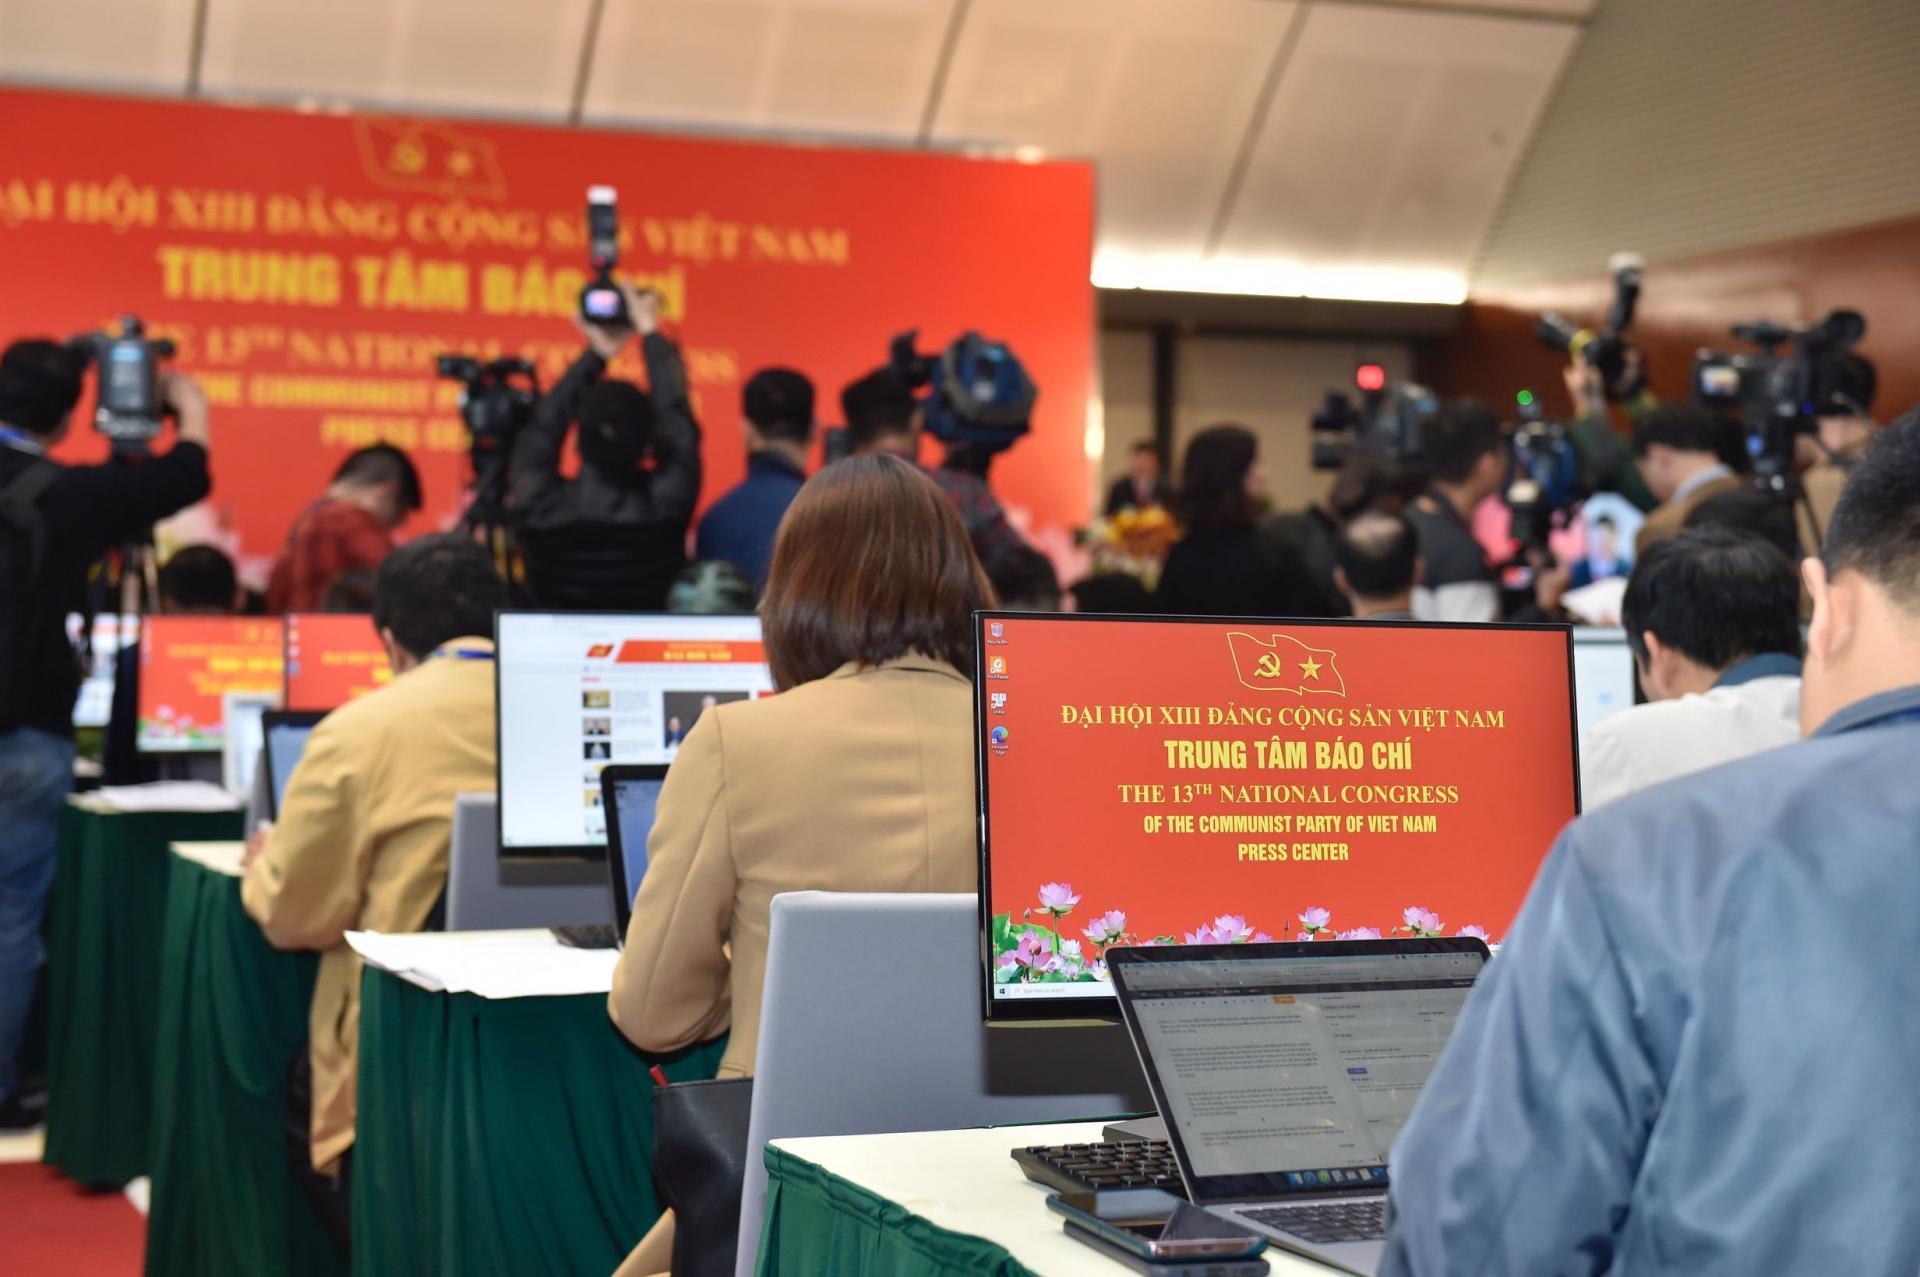 Trung tâm Báo chí trang bị toàn bộ máy tính để bàn có kết nối mạng để phục vụ và đáp ứng yêu cầu tác nghiệp của phóng viên trong nước và quốc tế.